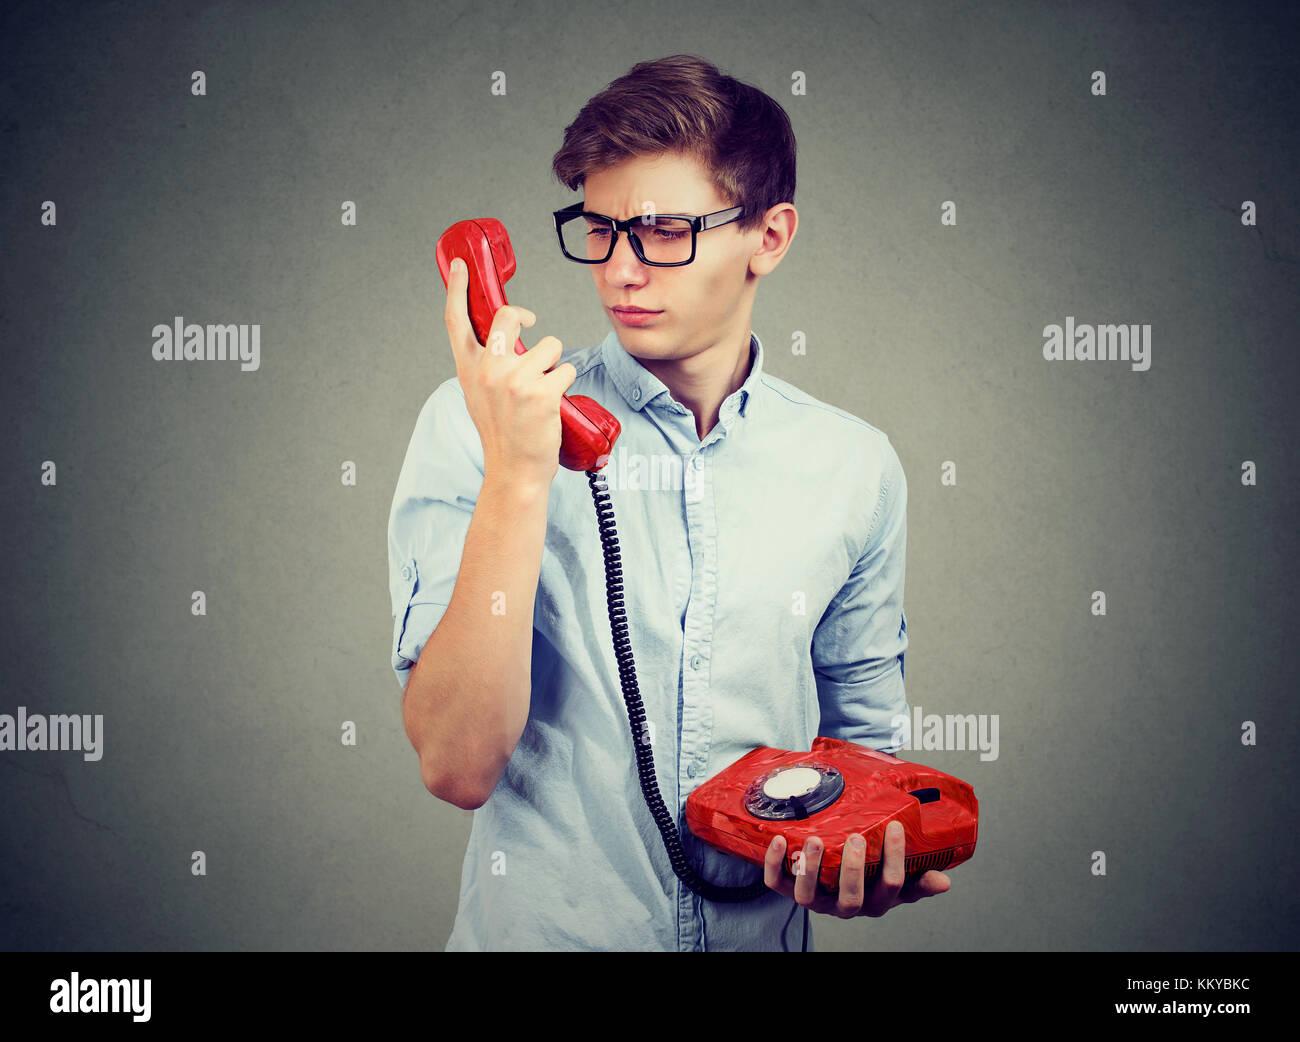 Adolescent confus inquiets à l'homme au téléphone à l'ancienne Photo Stock